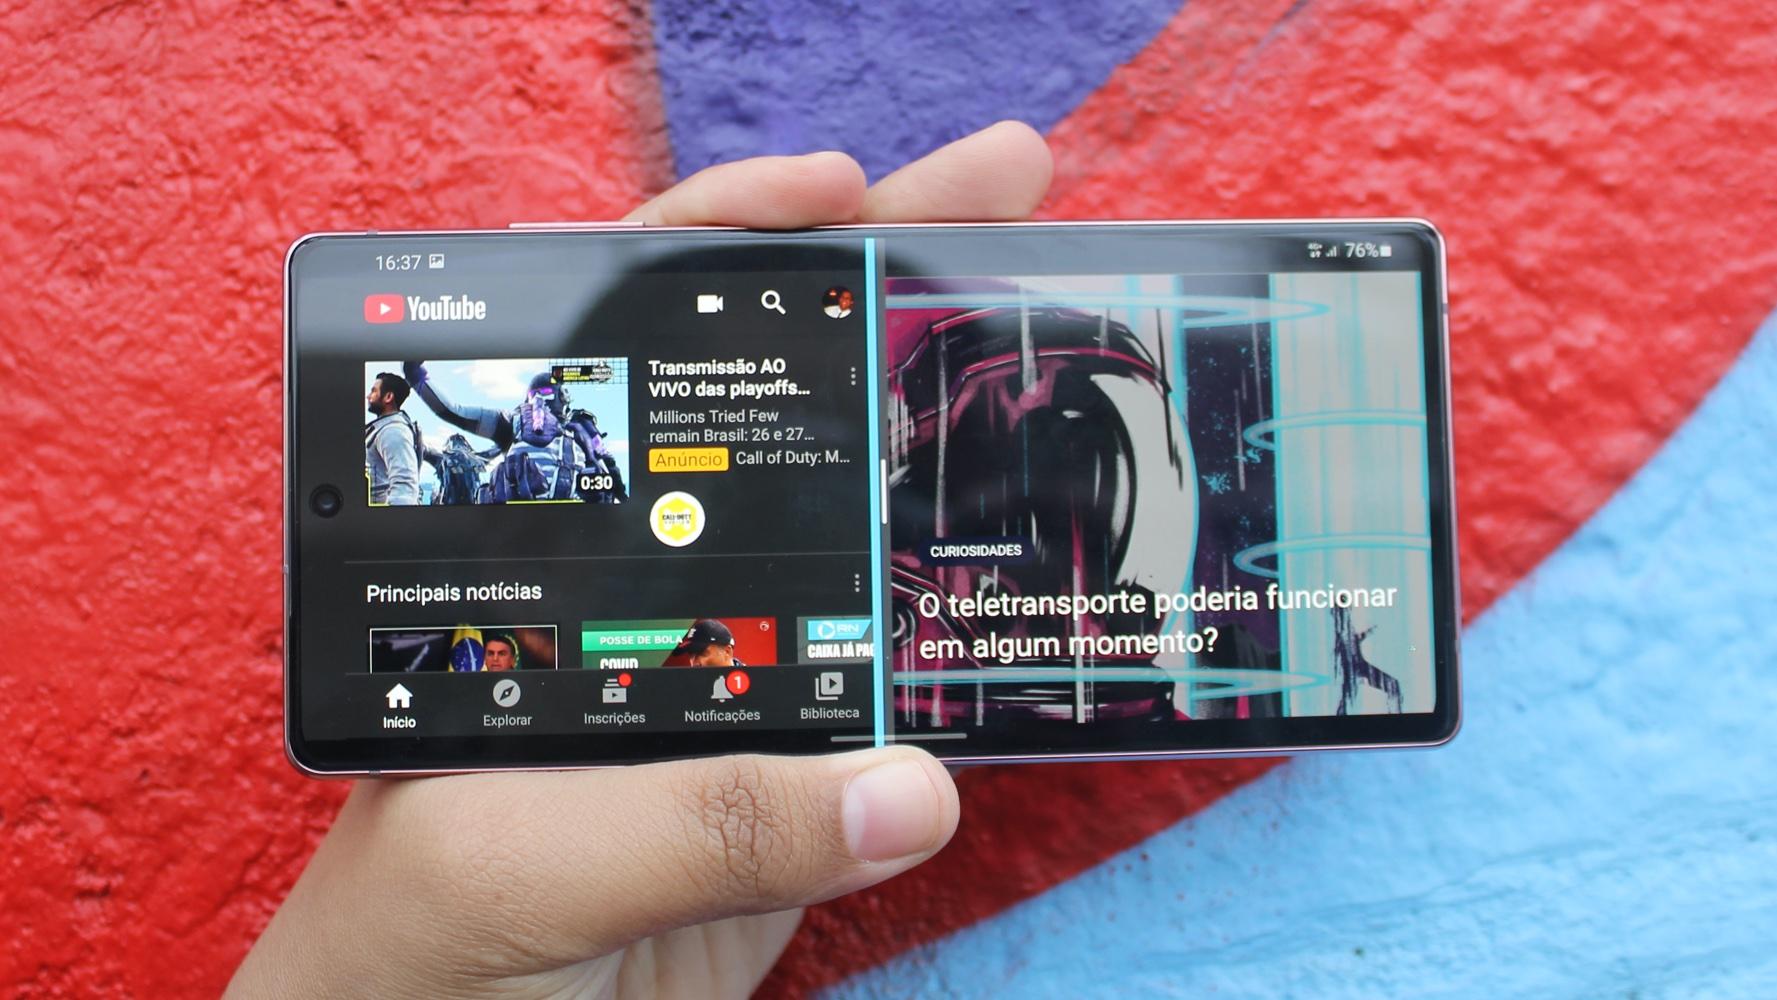 Recurso de tela dividida do Galaxy Note 20 Ultra rodando navegador e YouTube